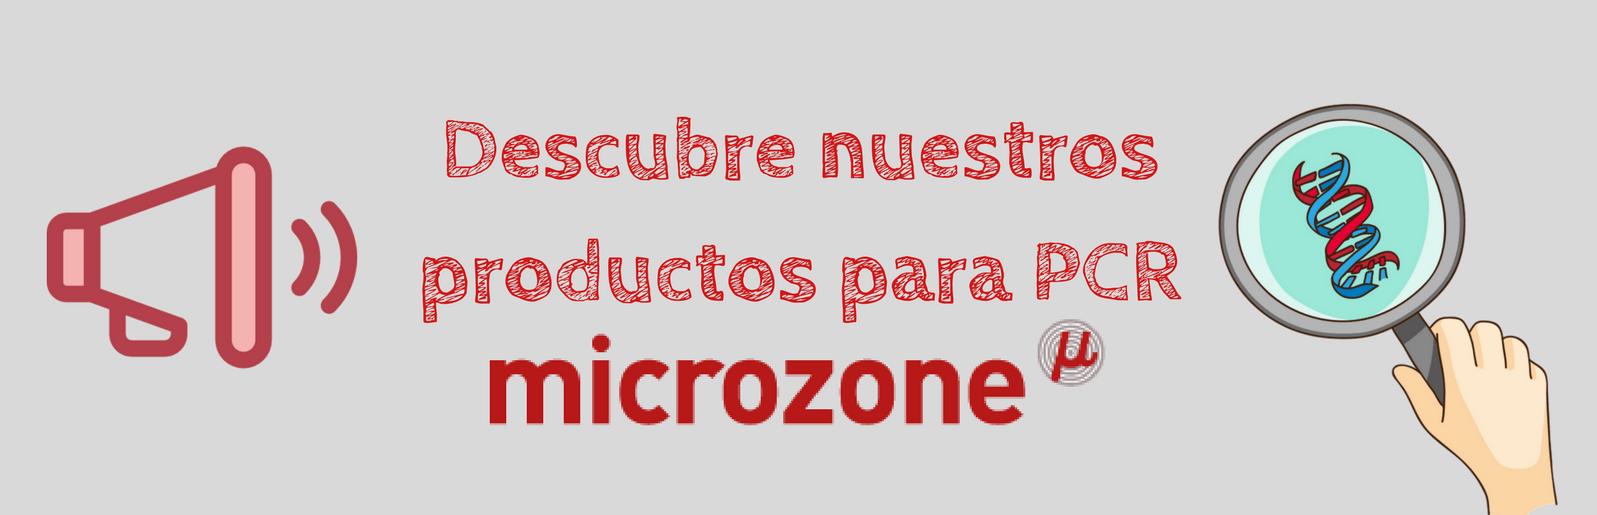 microzone, biología molecular, DNA, taq polimerasa, PCR